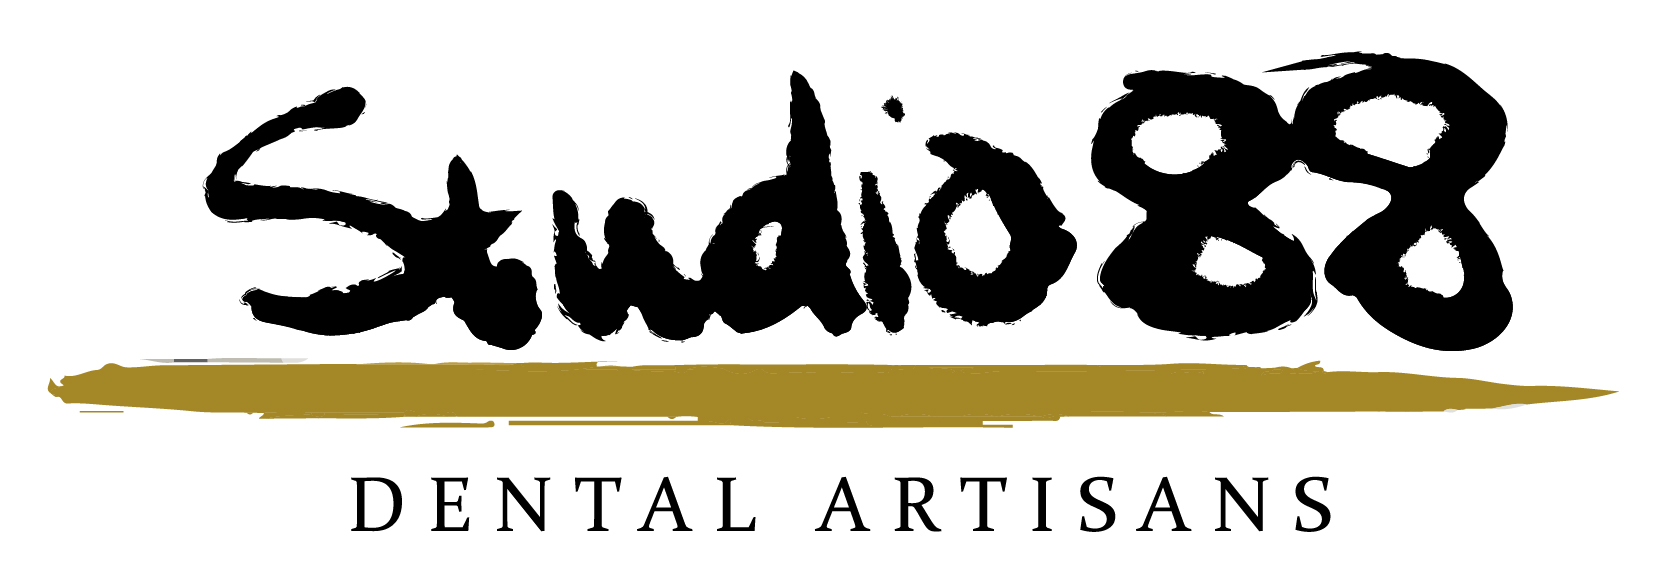 Studio 88 dental artisans logo